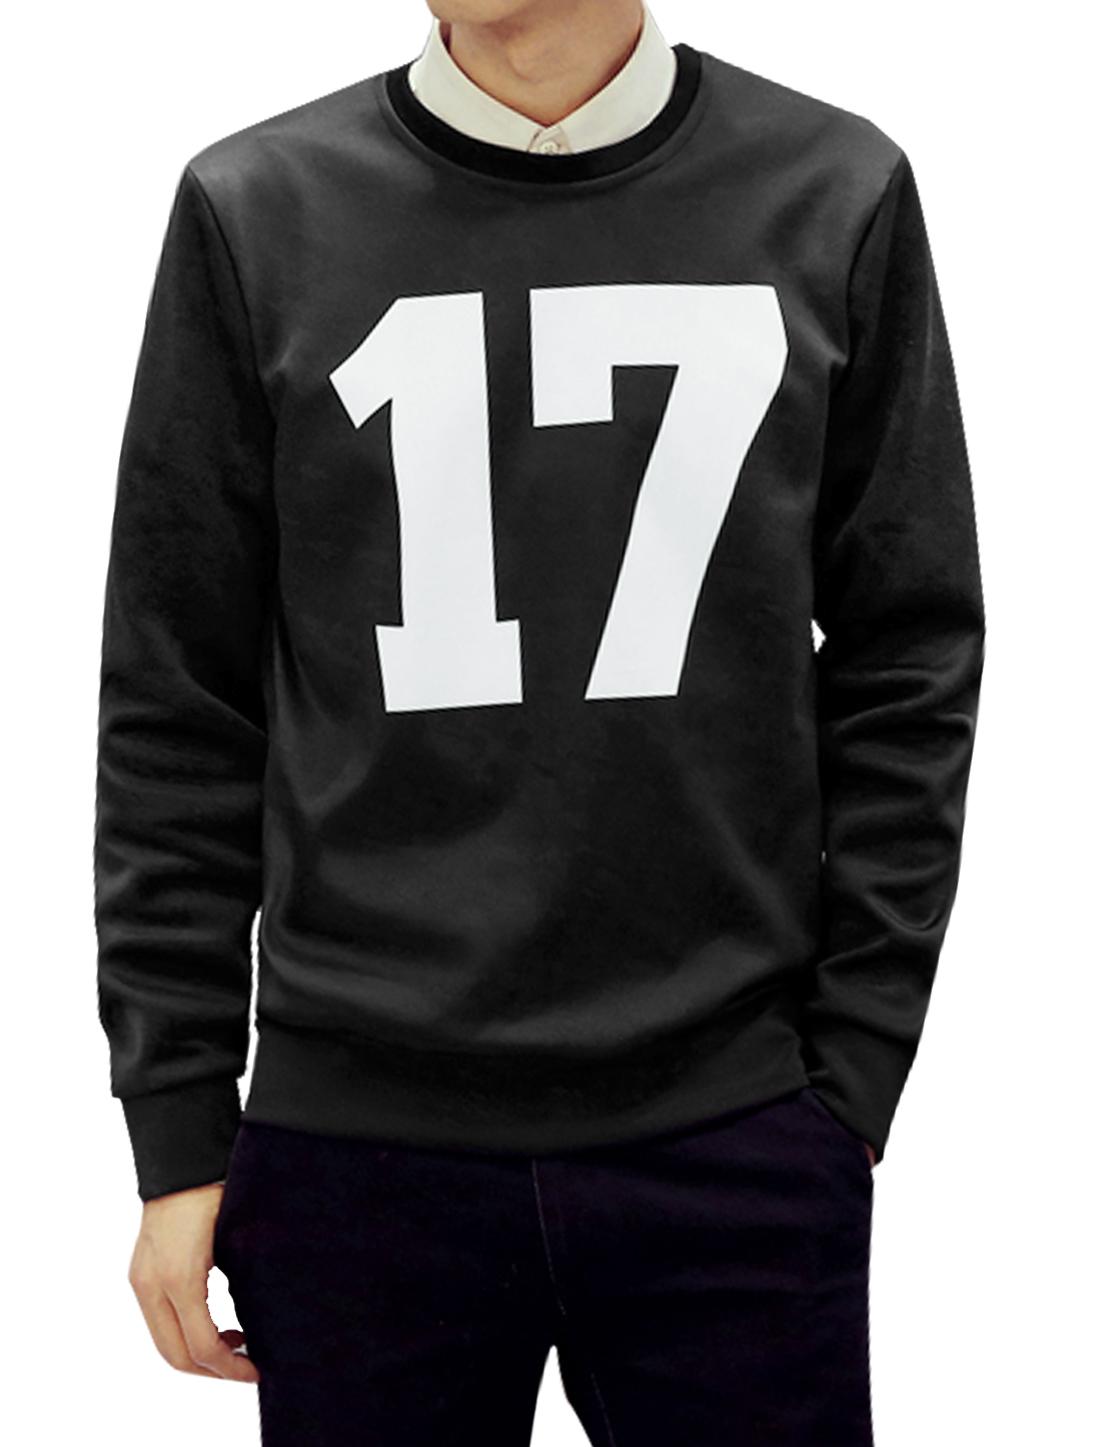 Men Slim Fit Crew Neck Long Sleeves Letters Sweatshirt Black M